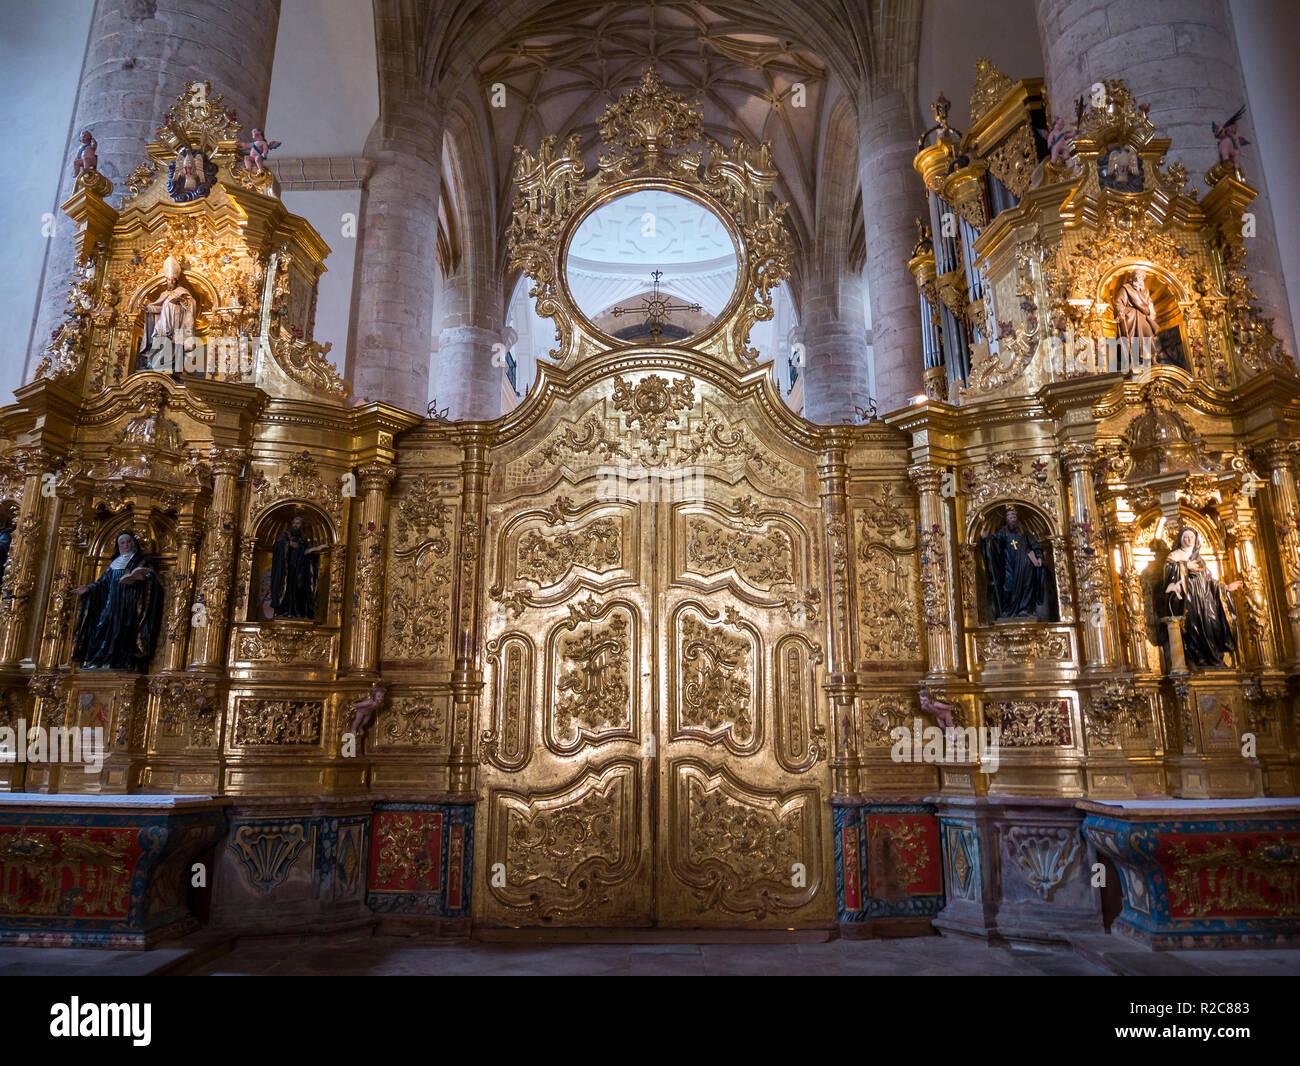 Iglesia Del Monasterio De San Millán De Yuso San Millán De La Cogolla La Rioja España Stock Photo Alamy